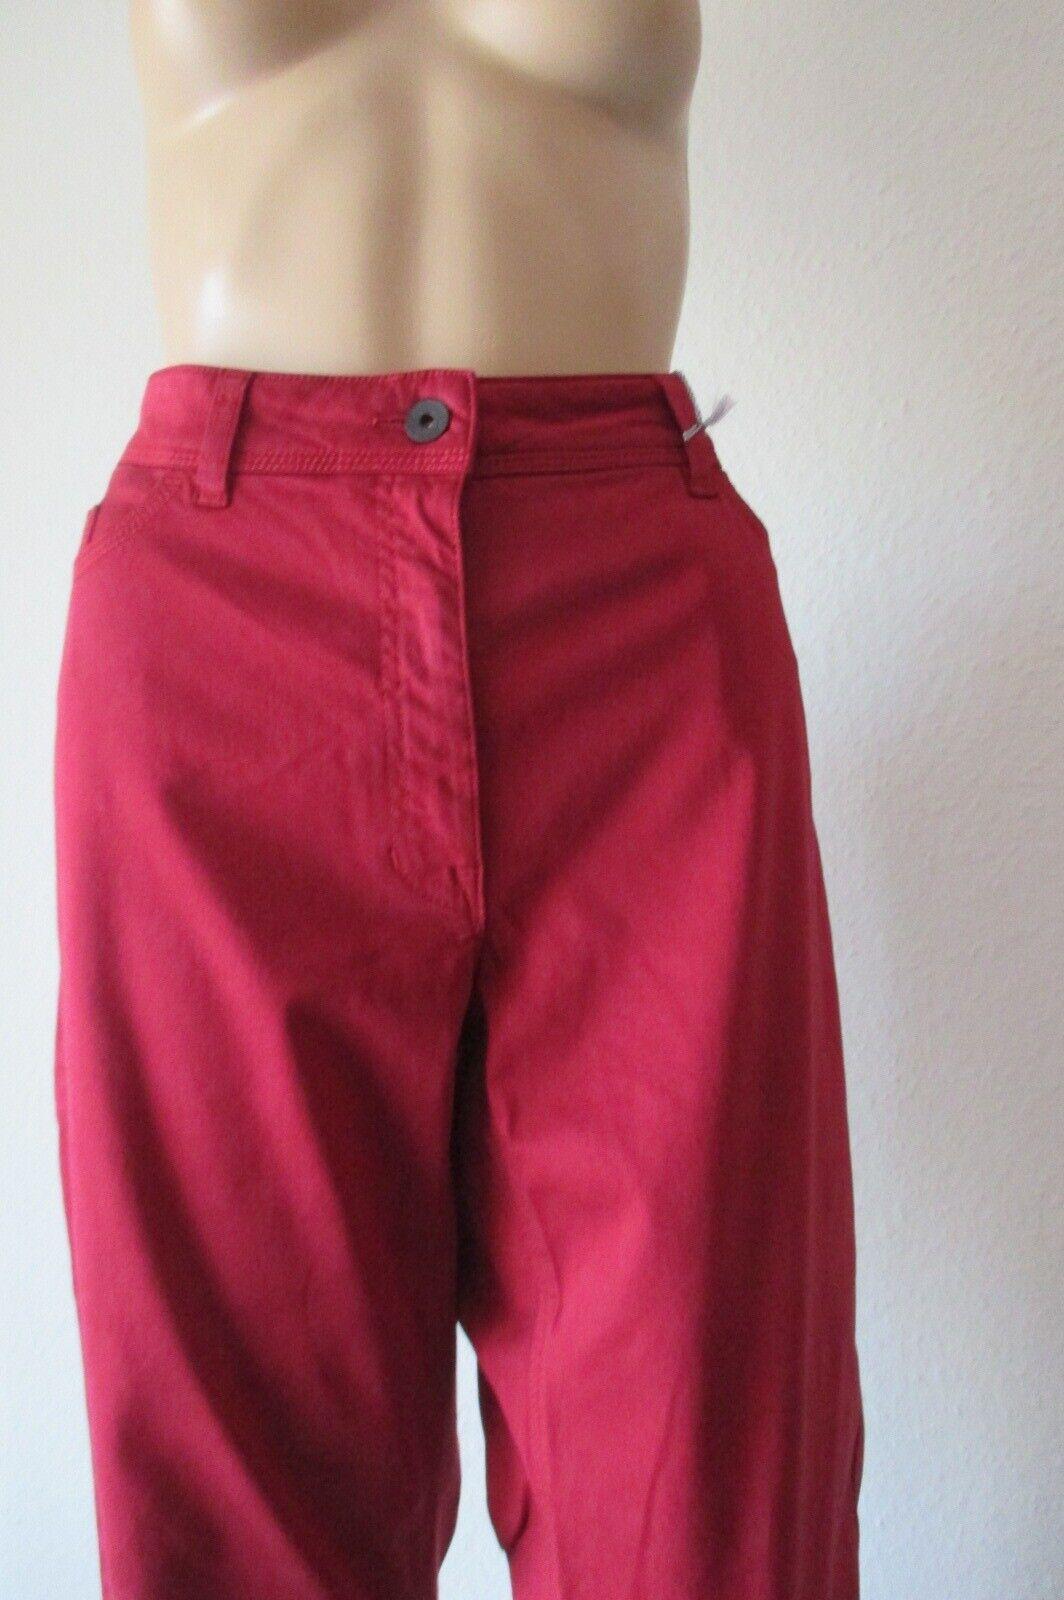 Ppep Jeans in red,  gerade geschnitten, Größe 44